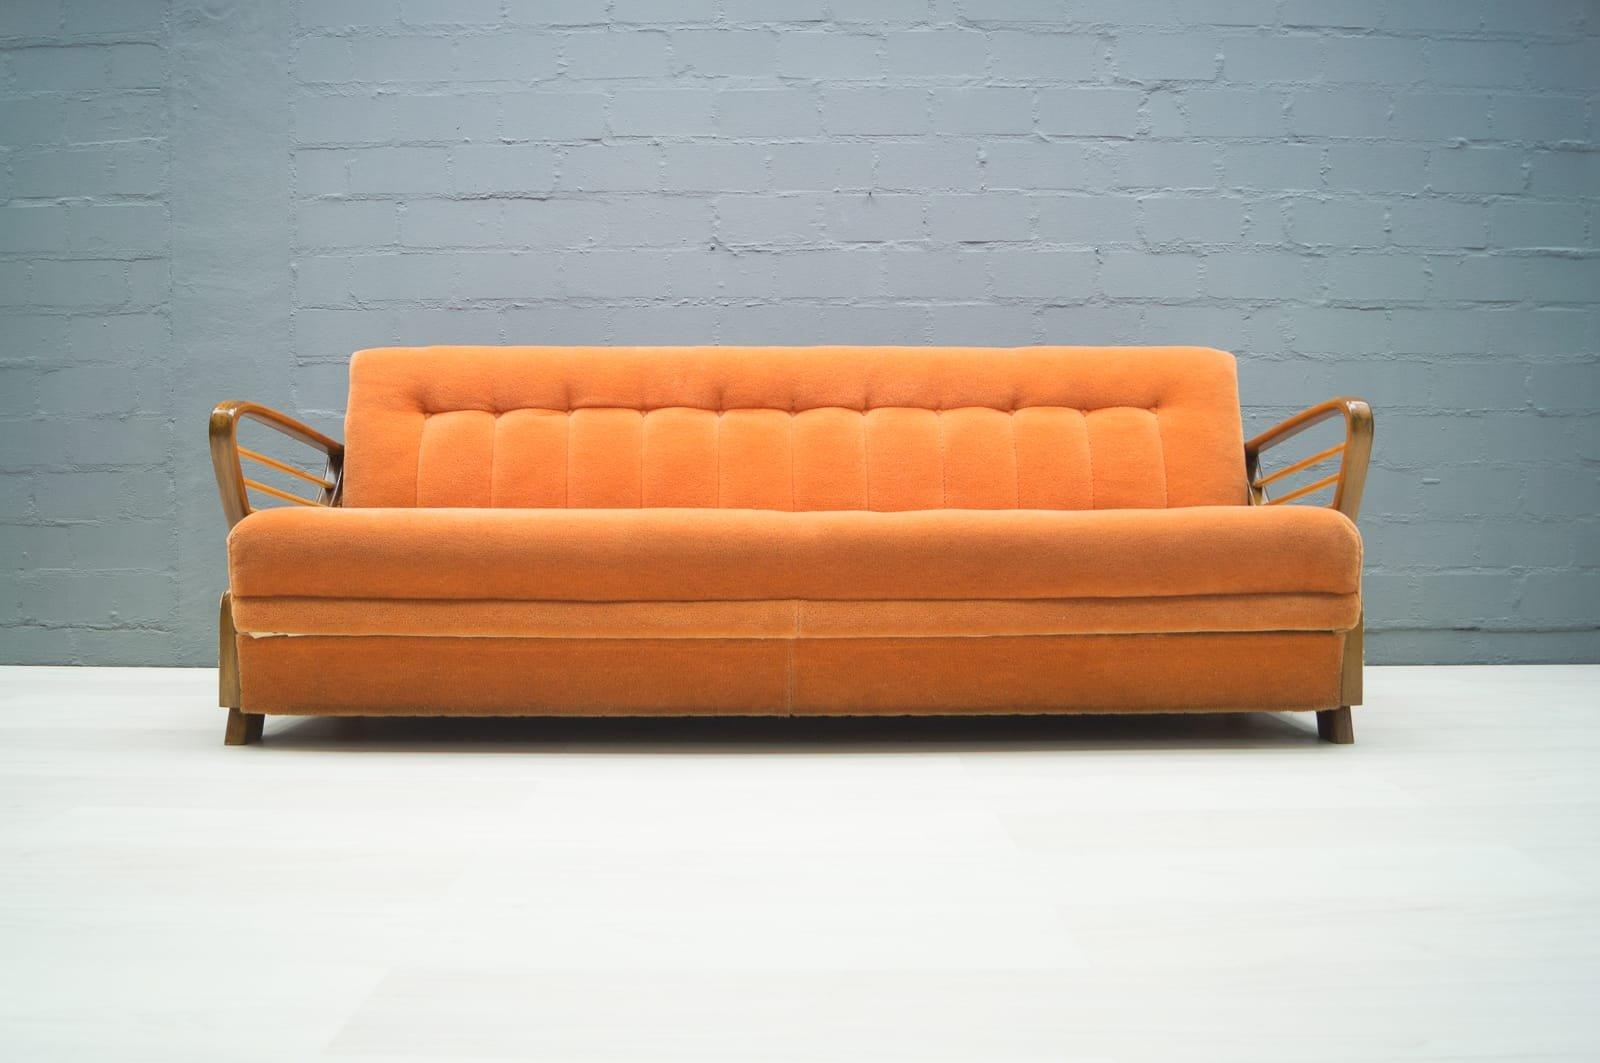 Divano letto vintage arancione anni 39 50 in vendita su pamono - Divano letto retro ...